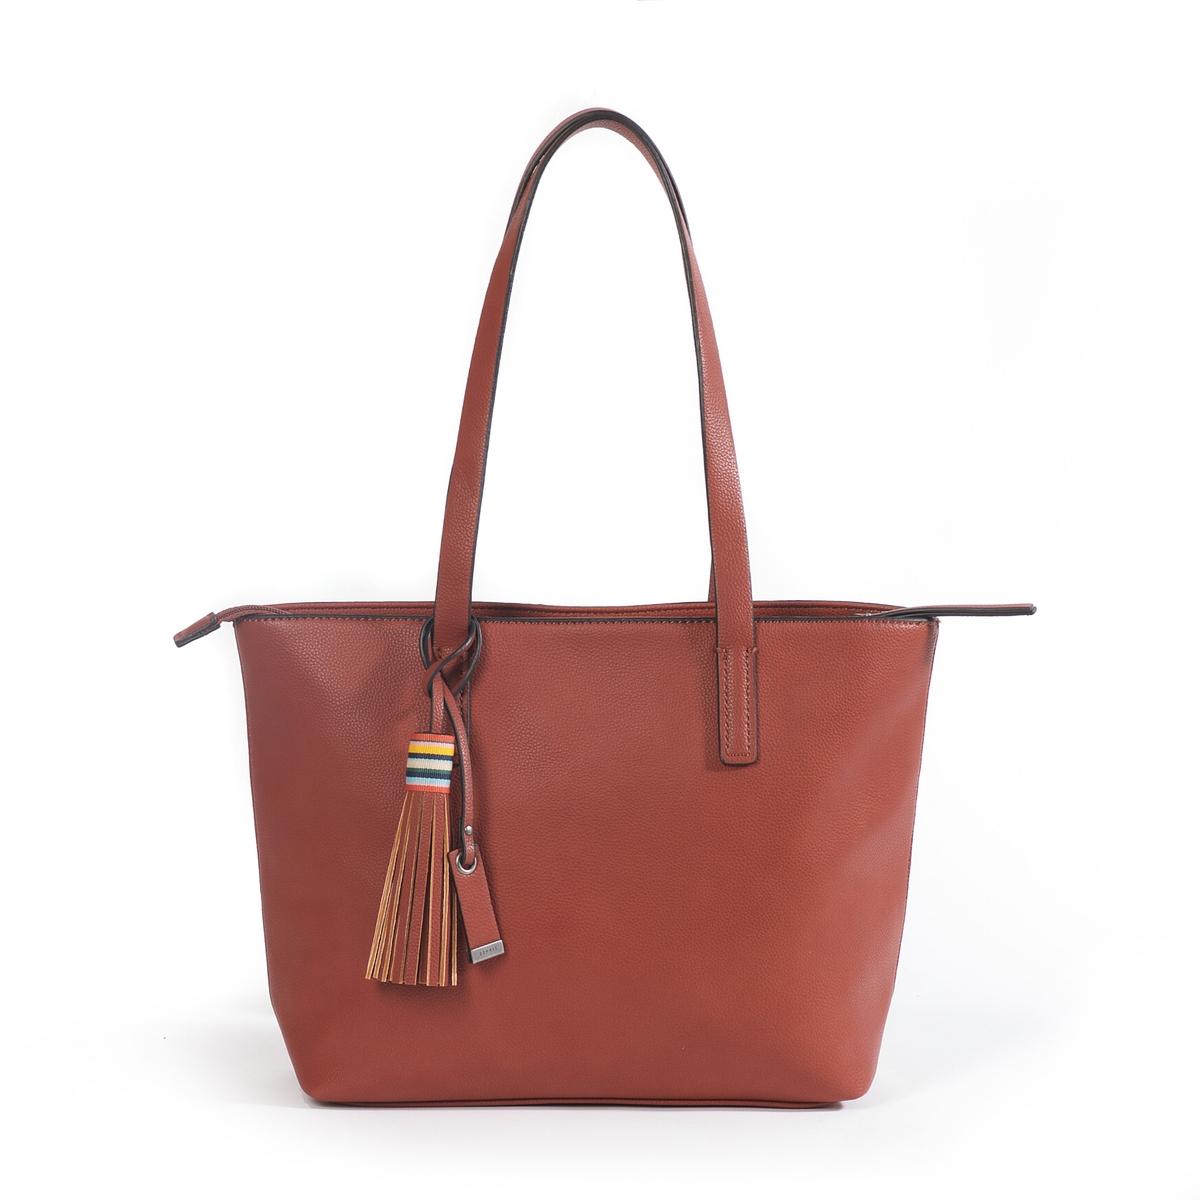 Сумка-шоппер WendyОписание:Очень изящная сумка-шоппер с помпоном : идеальна для походов по магазинам или прогулок по городу !Состав и описание :  •  Материал : верх из полиуретана                         подкладка из полиуретана •  Марка : Esprit •  Модель : Wendy shopper •  Размер :  26 x 29 x 12 см •  Застежка : молнияВнутренний карман<br><br>Цвет: черный<br>Размер: единый размер